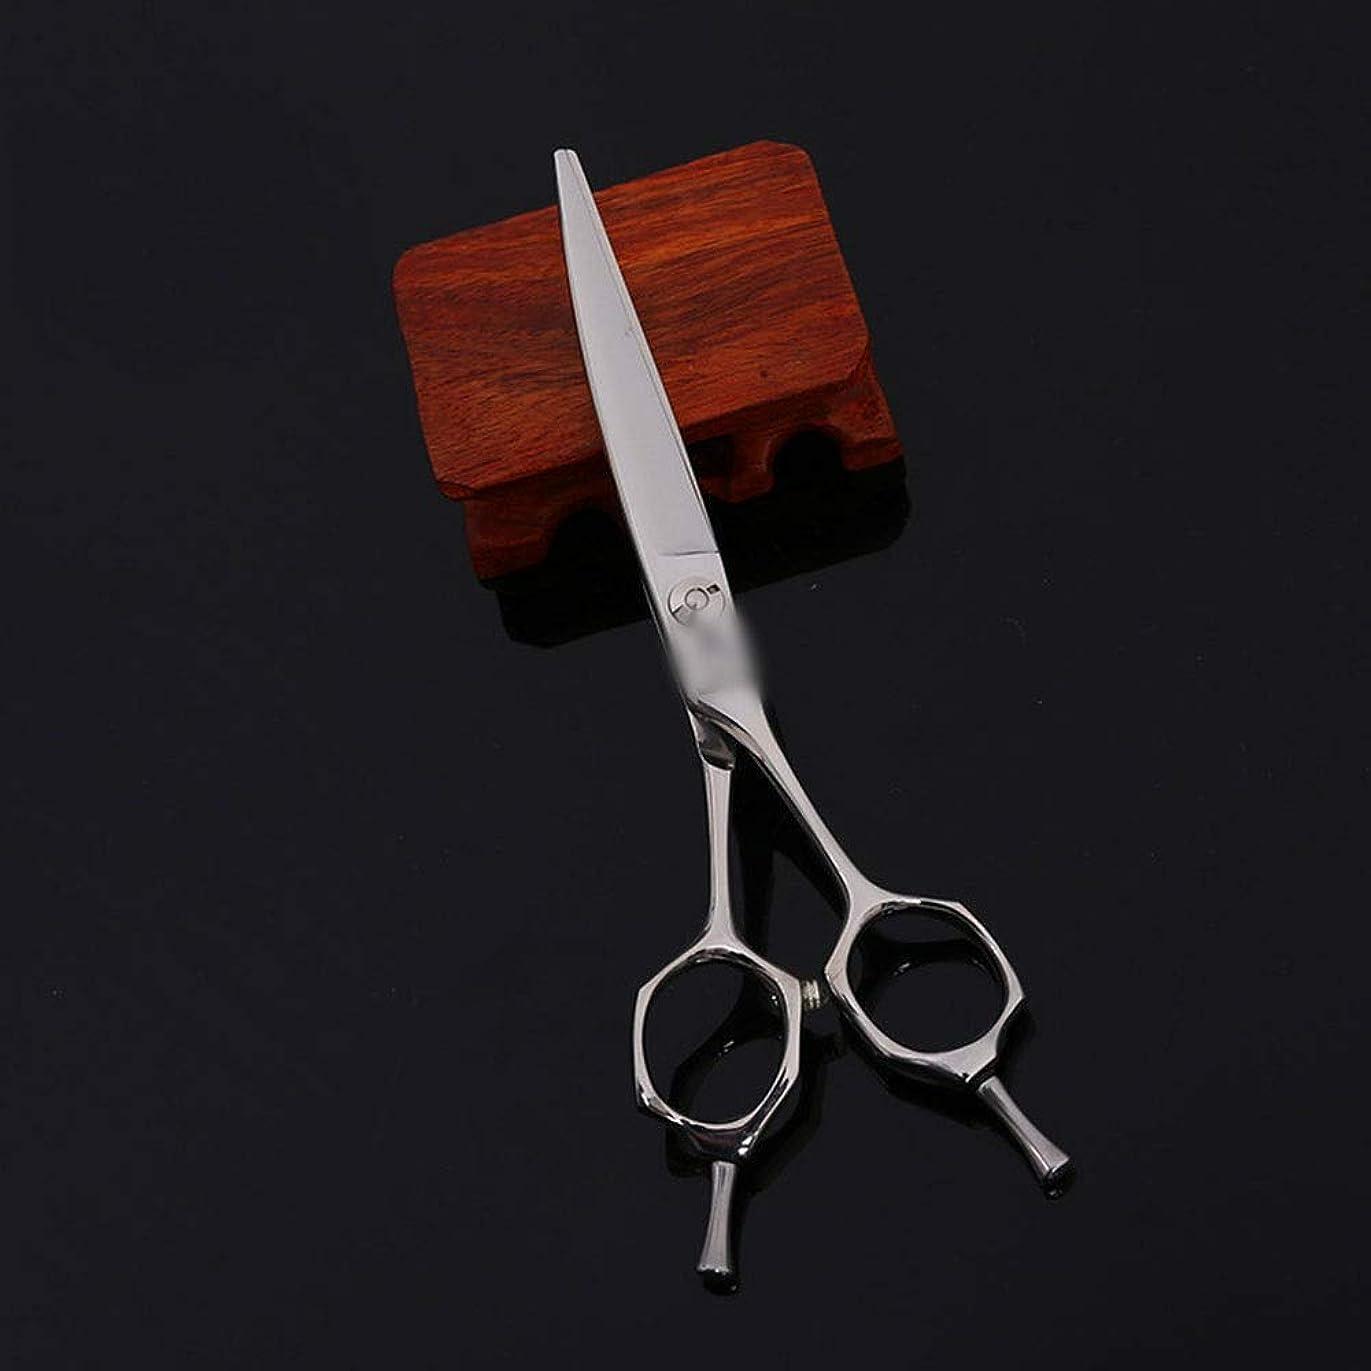 スリップシューズ常習者割合Hairdressing 6インチ美容院プロフェッショナルファミリーハイエンド理髪はさみ髪カット鋏ステンレス理髪はさみ (色 : Silver)